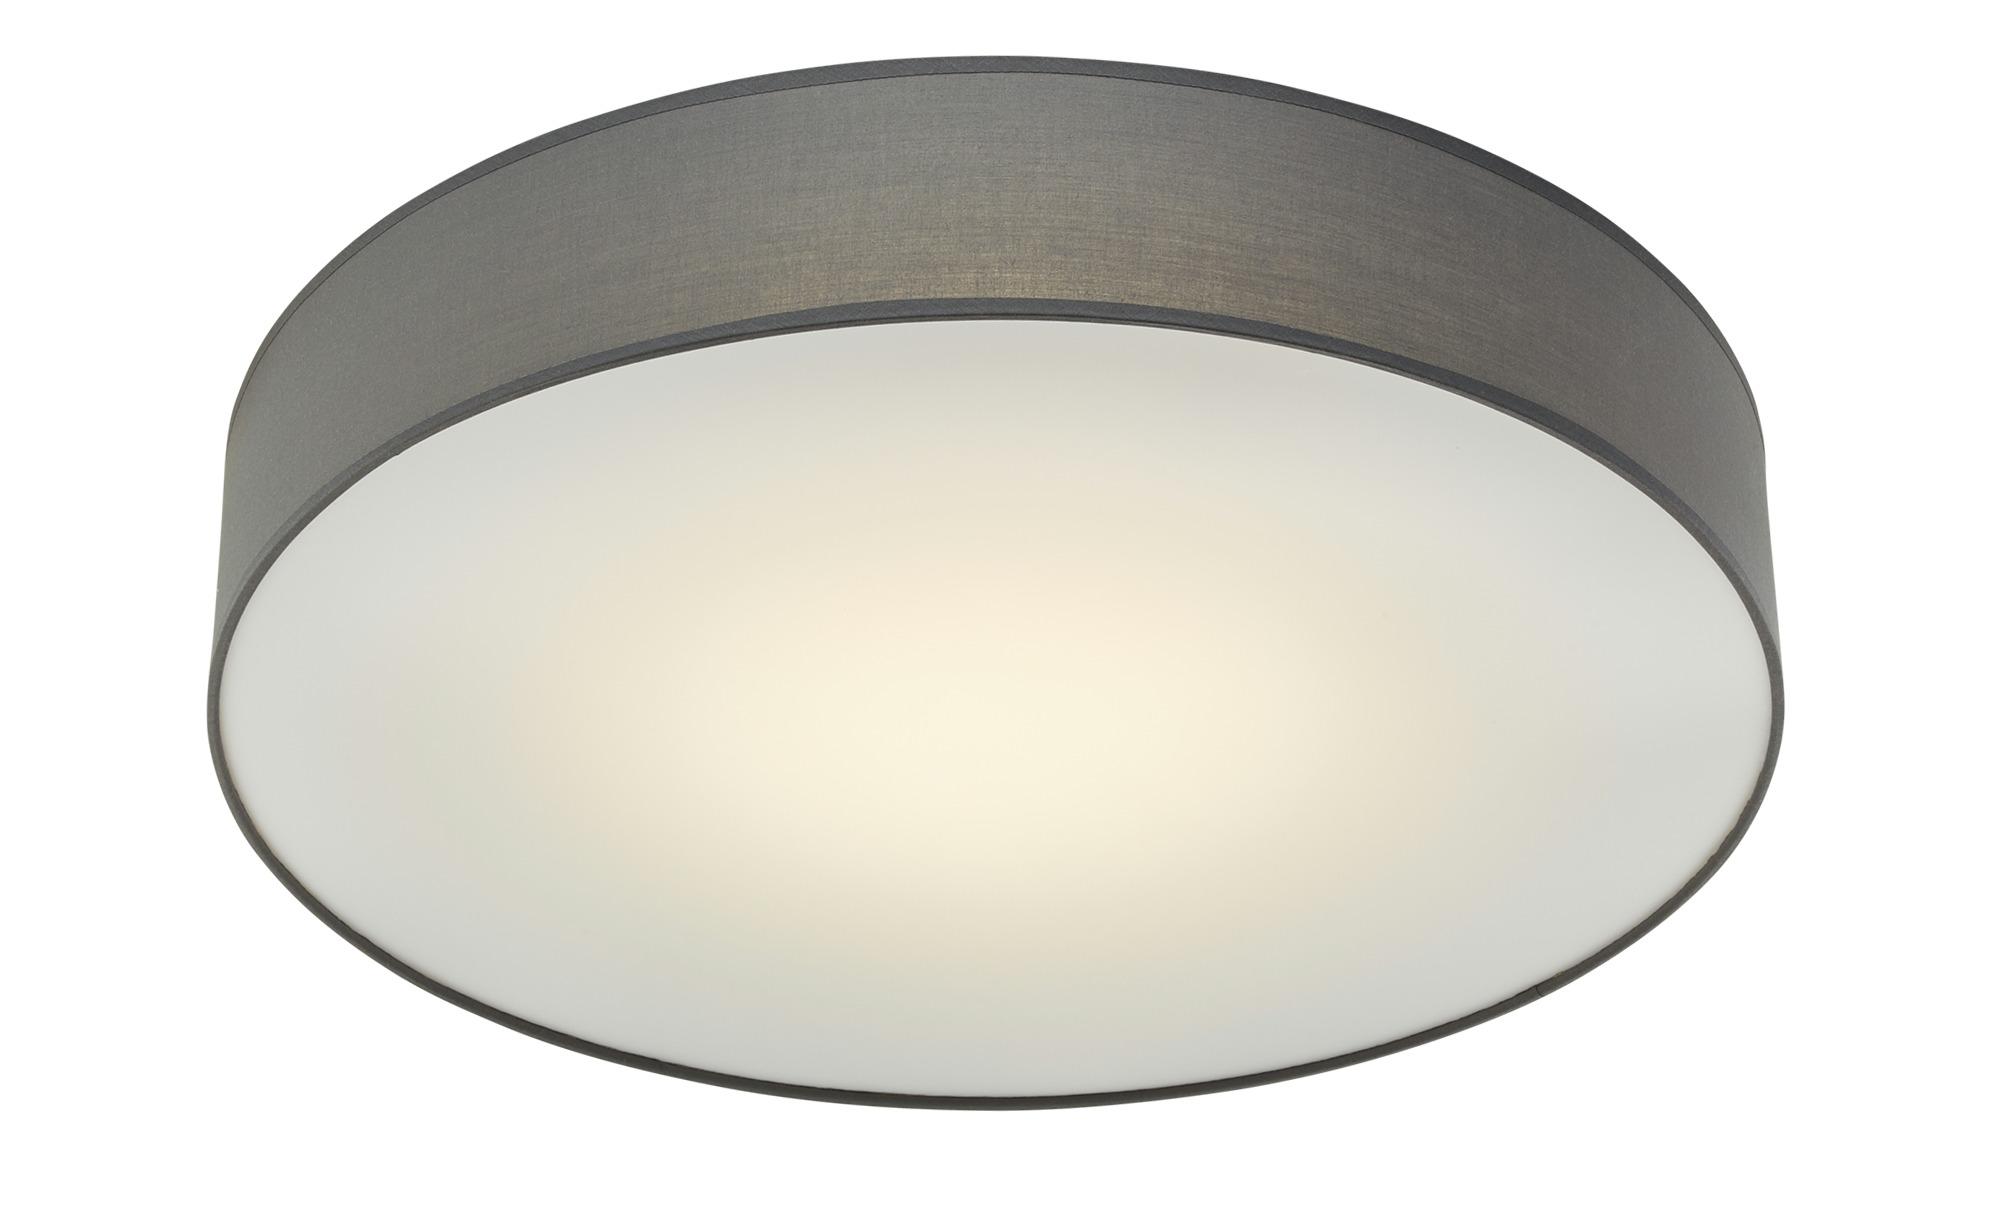 KHG LED-Deckenleuchte, mit Stoffschirm grau ¦ grau ¦ Maße (cm): H: 11 Ø: [60.0] Lampen & Leuchten > Innenleuchten > Deckenleuchten - Höffner